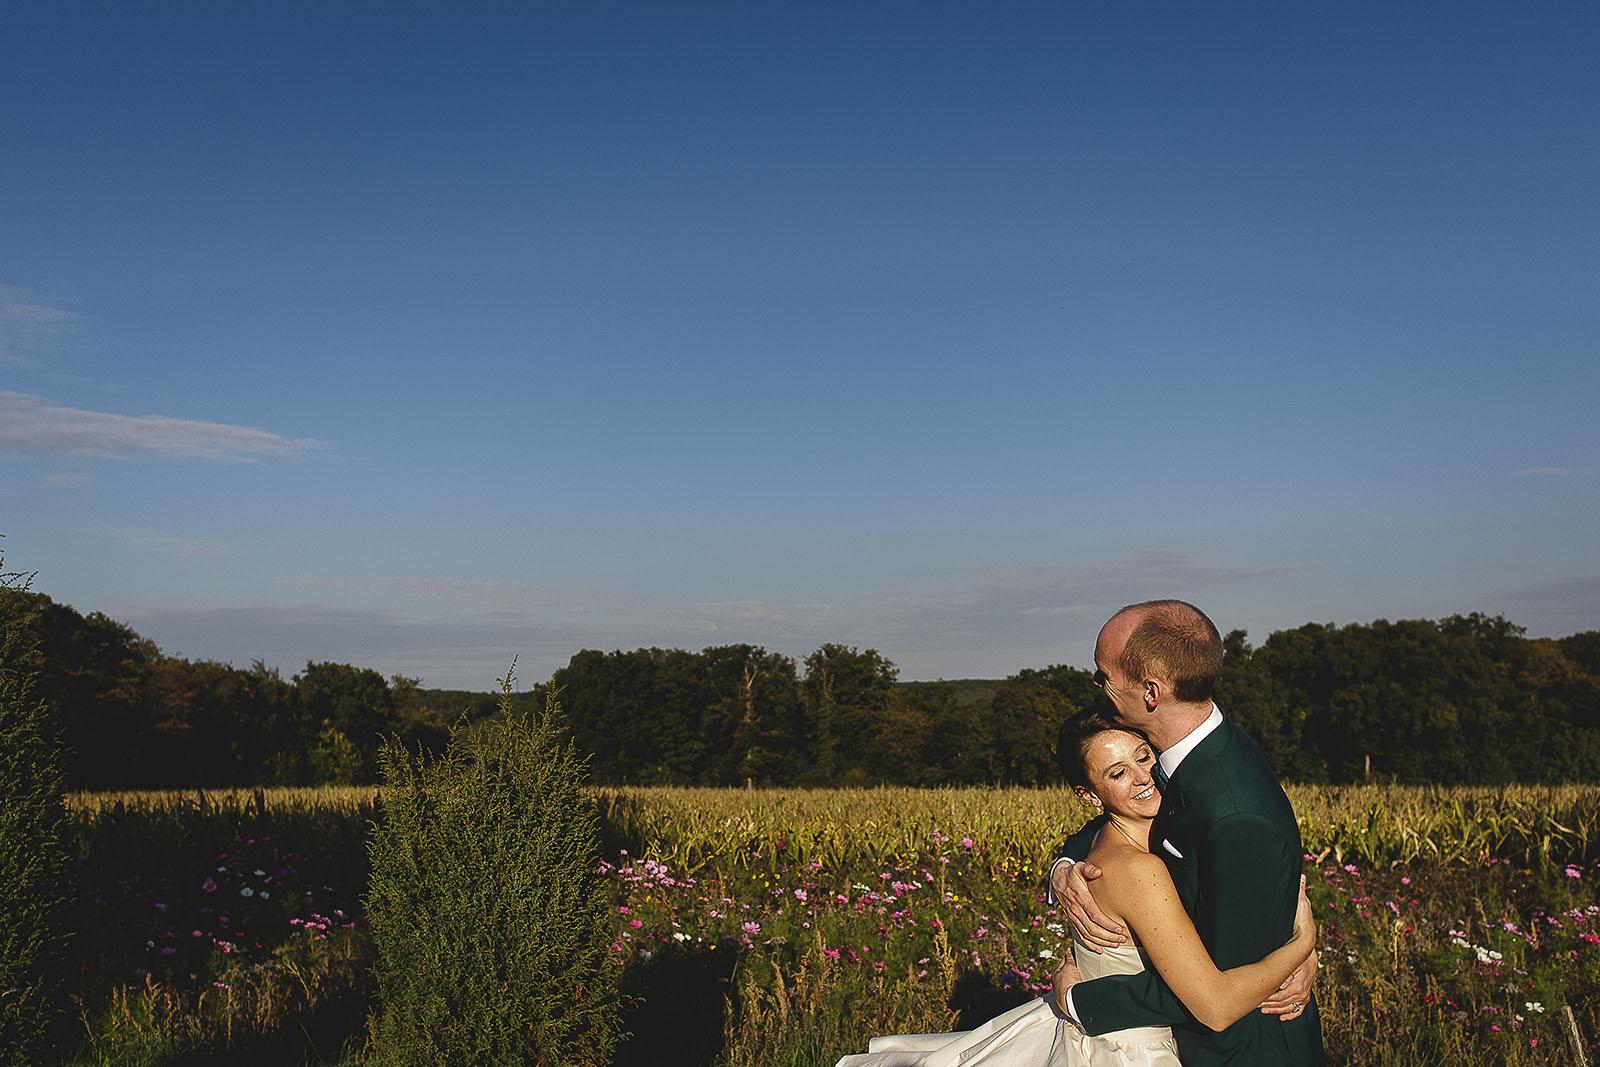 Mariage Manoir des Prévanches. David Pommier photographe de mariage. Belle photo de couple champêtre